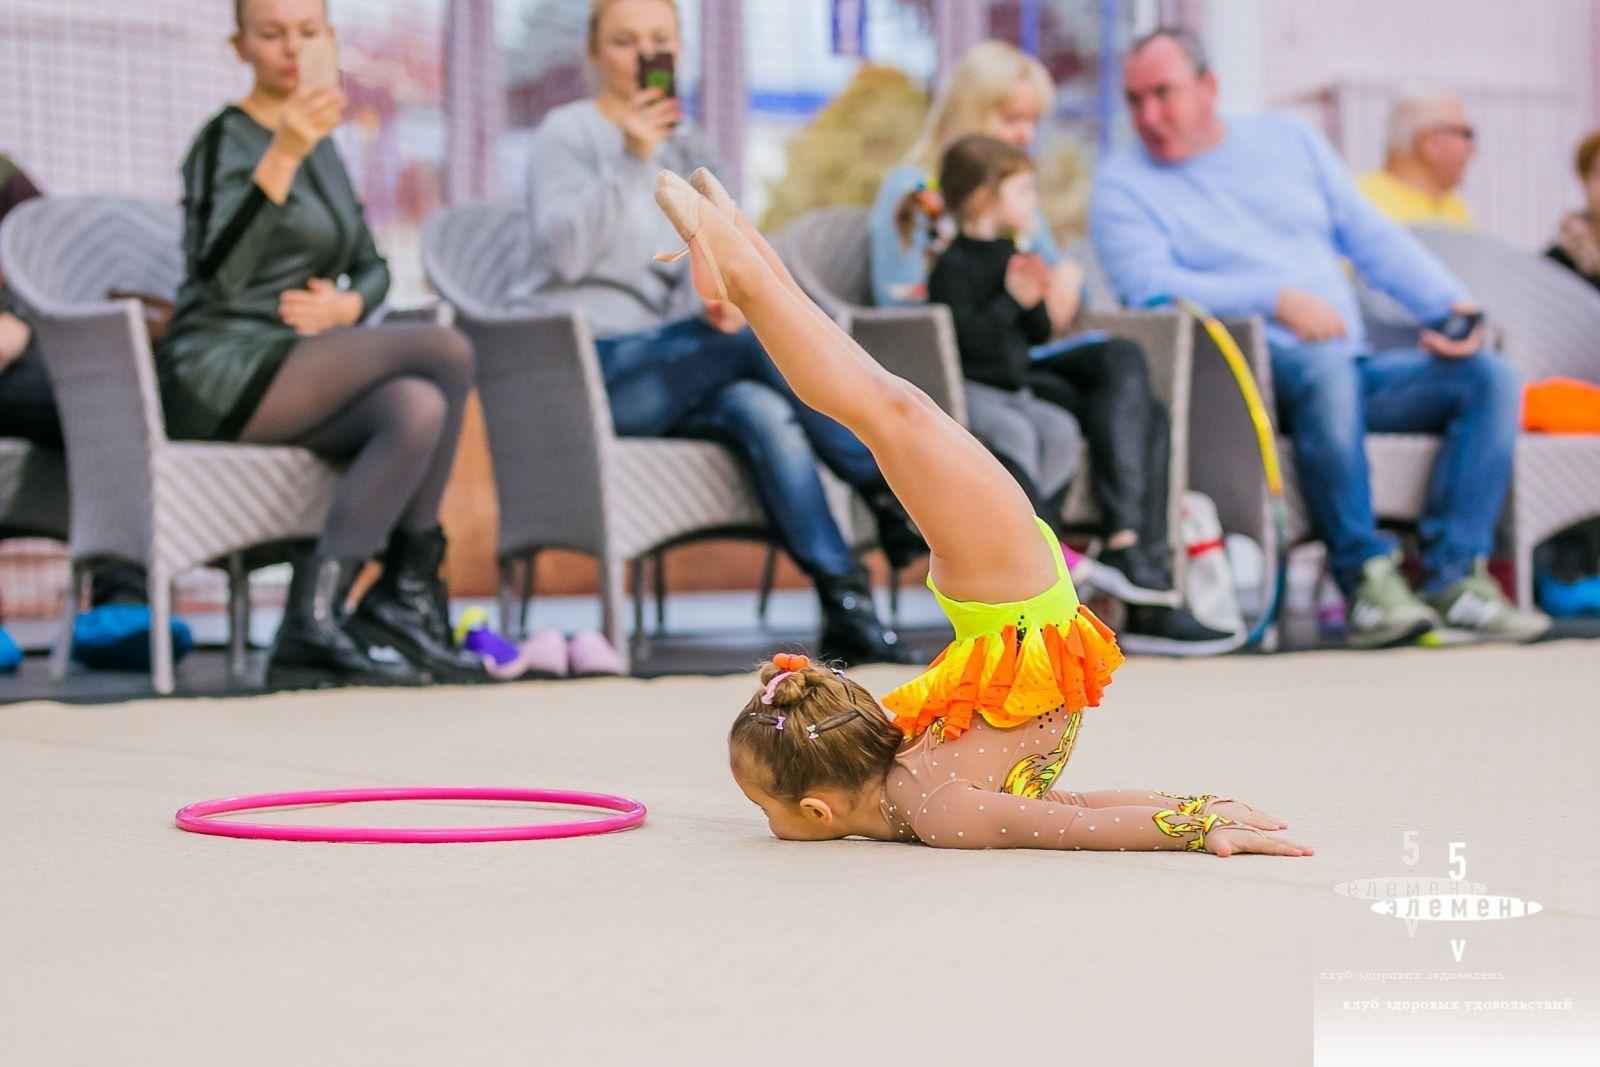 Открытый чемпионат по художественной гимнастике— элитный семейный Фитнес-центр 5 Элемент